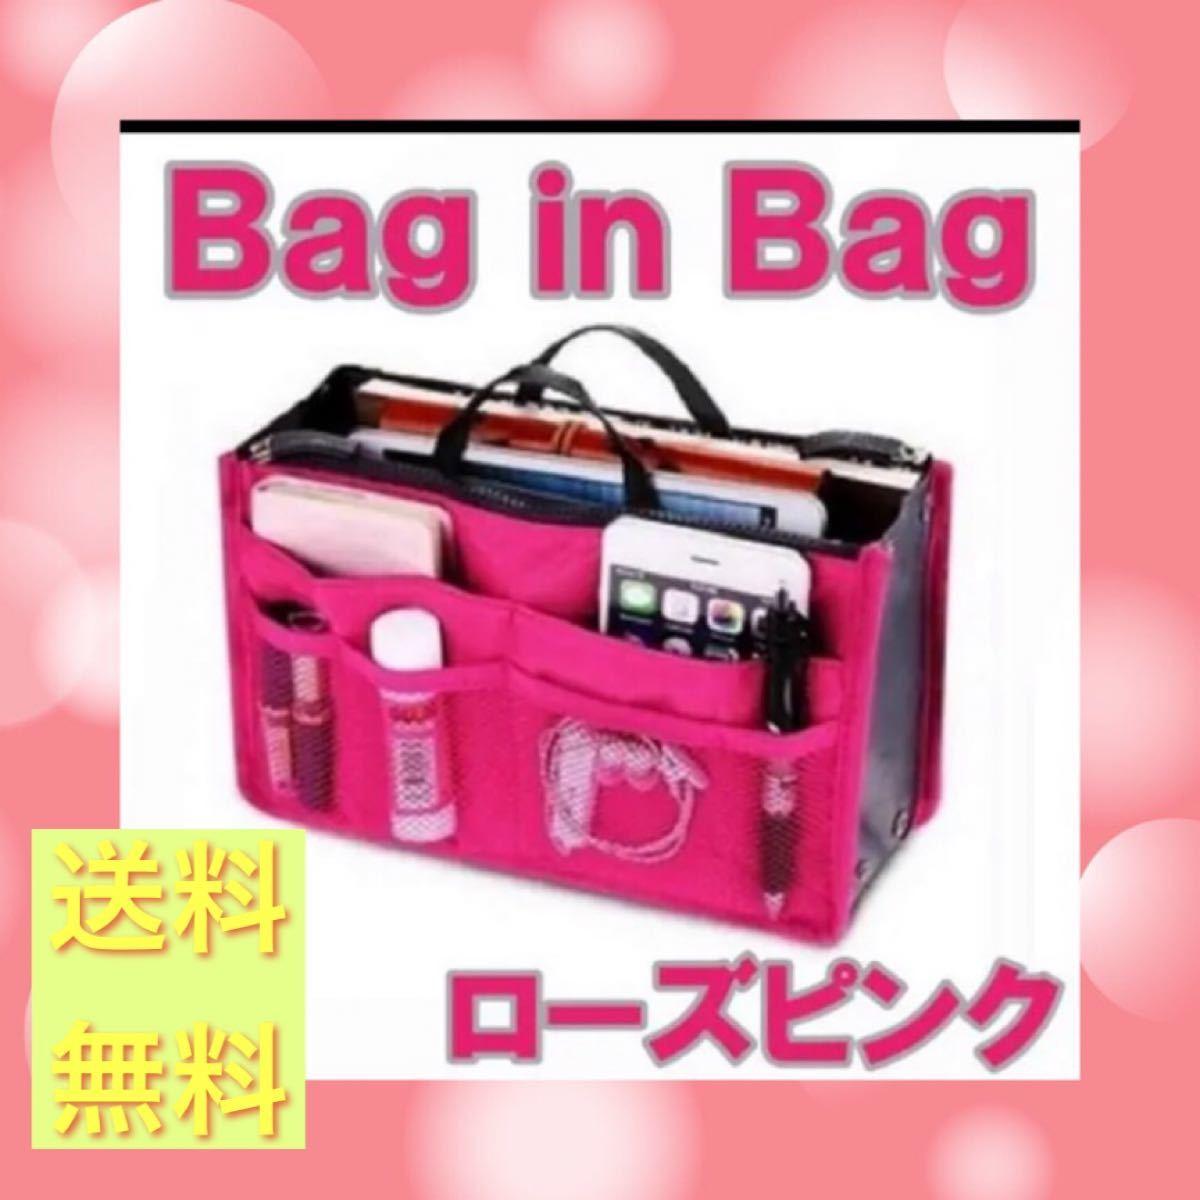 バッグインバッグ 化粧ポーチ 収納バッグ 小物収納 インナーバッグ 定番 ピンク